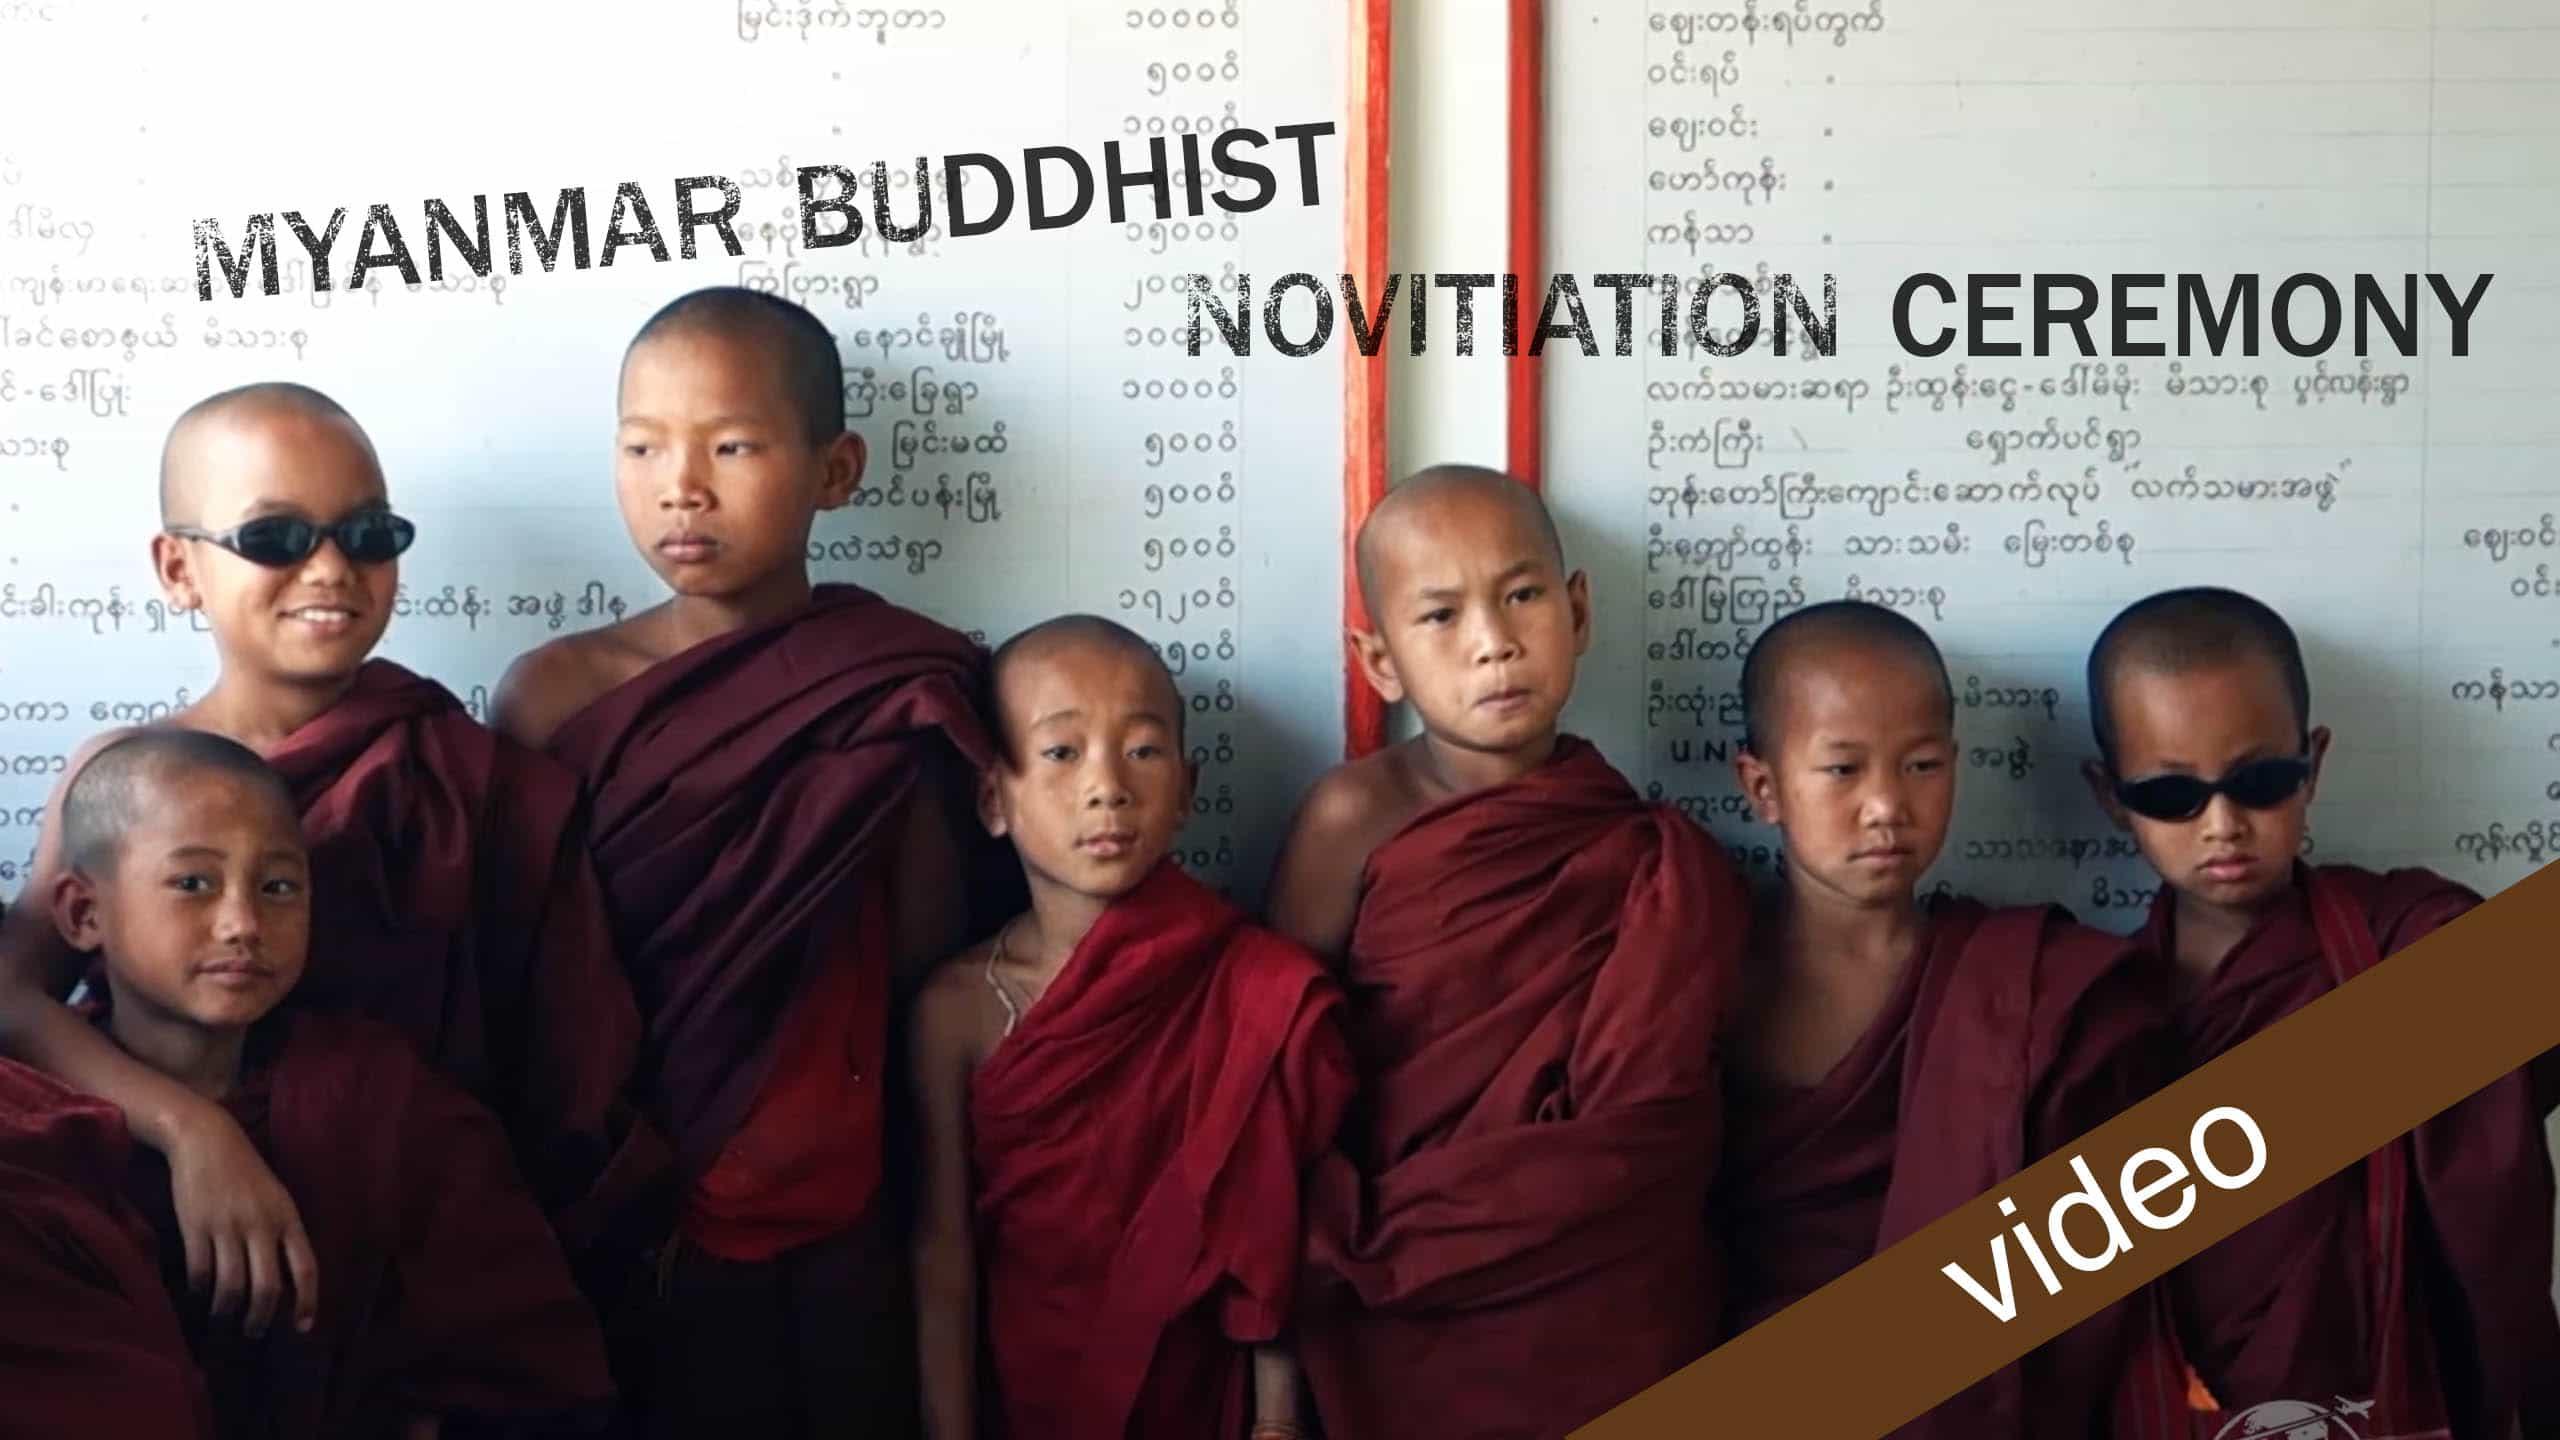 Buddhist Novitiation Ceremony In Myanmar